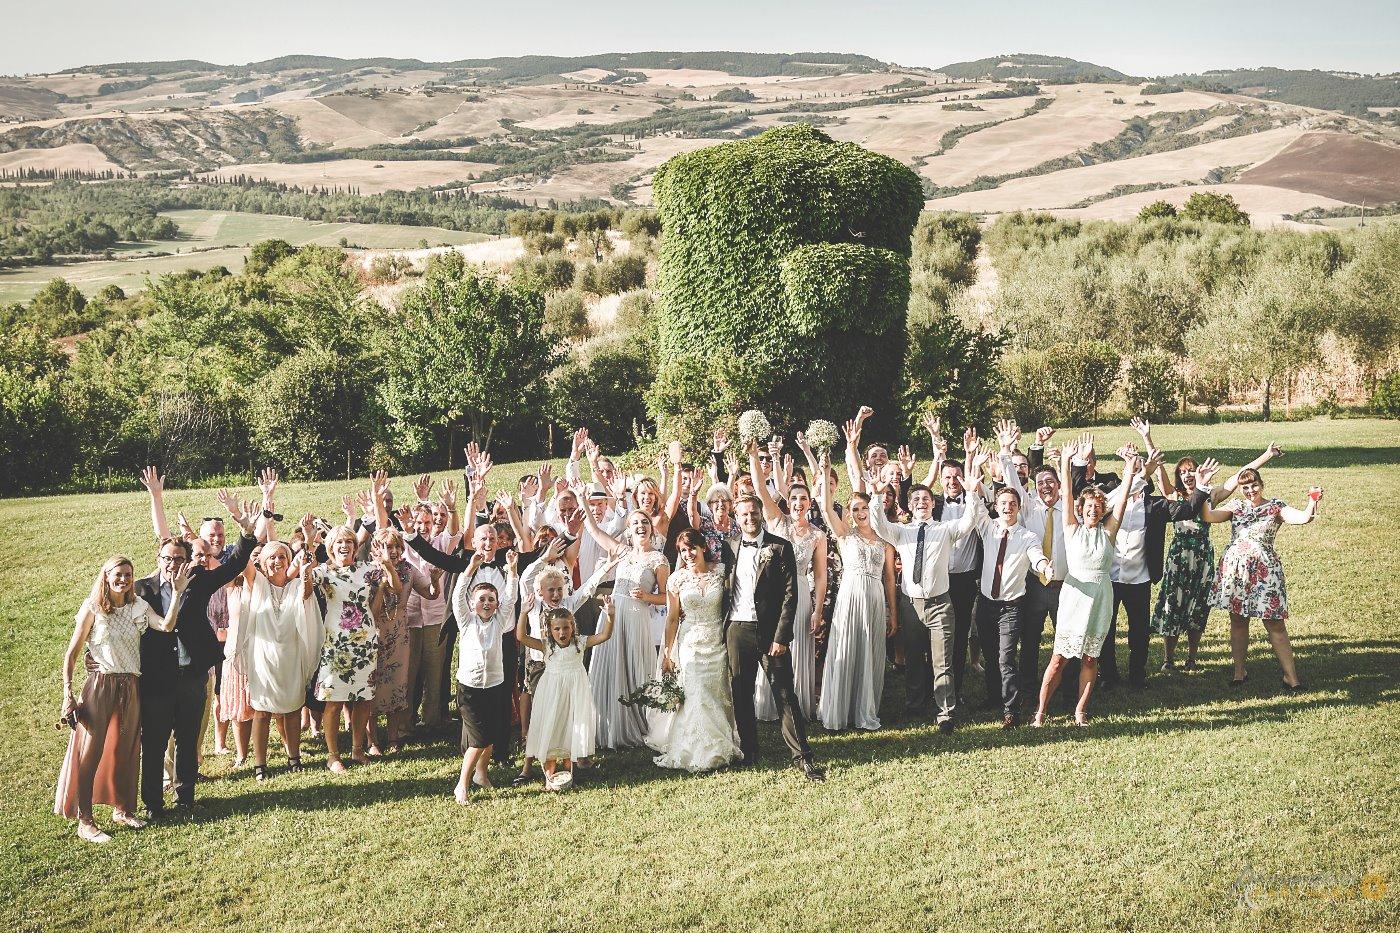 wedding_photos_borgo_castelvecchio_13.jpg